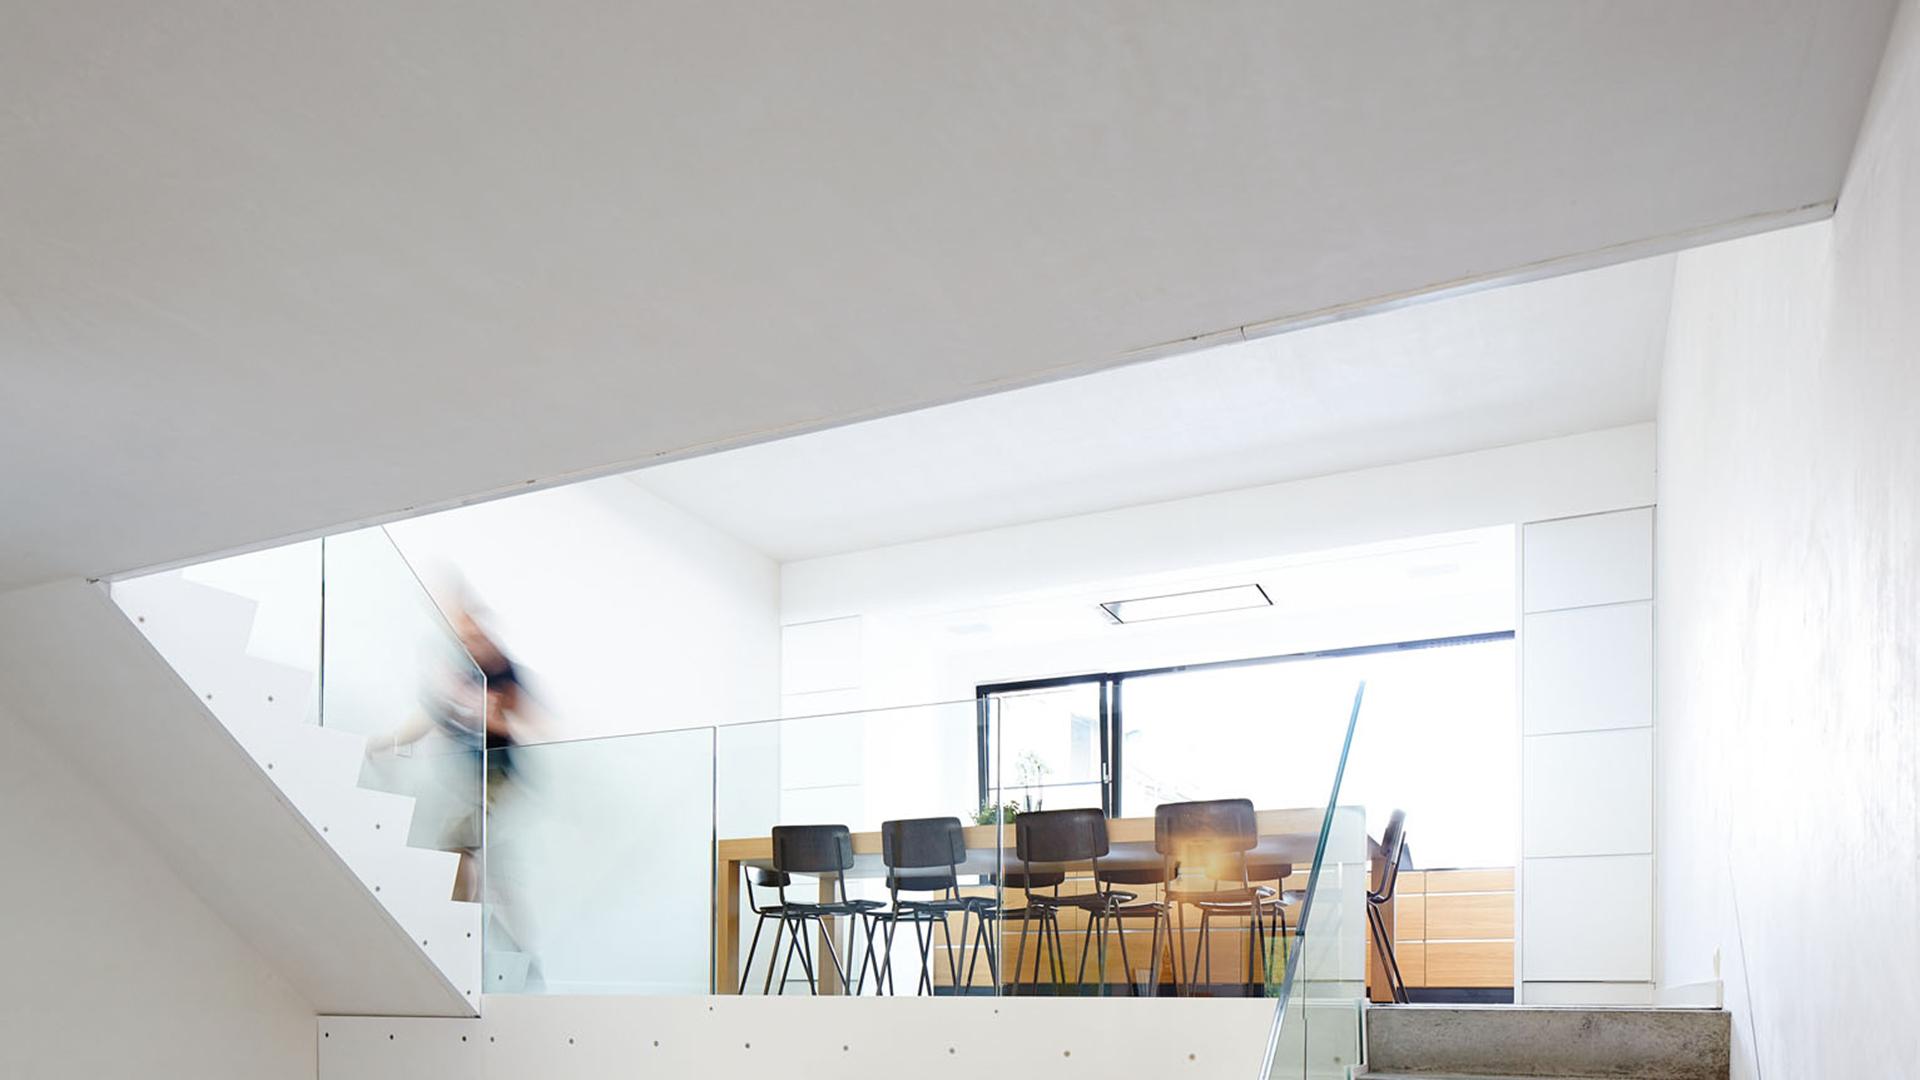 Nieuwbouwwoning Pluimstraat Kortrijk AVDK Architecten